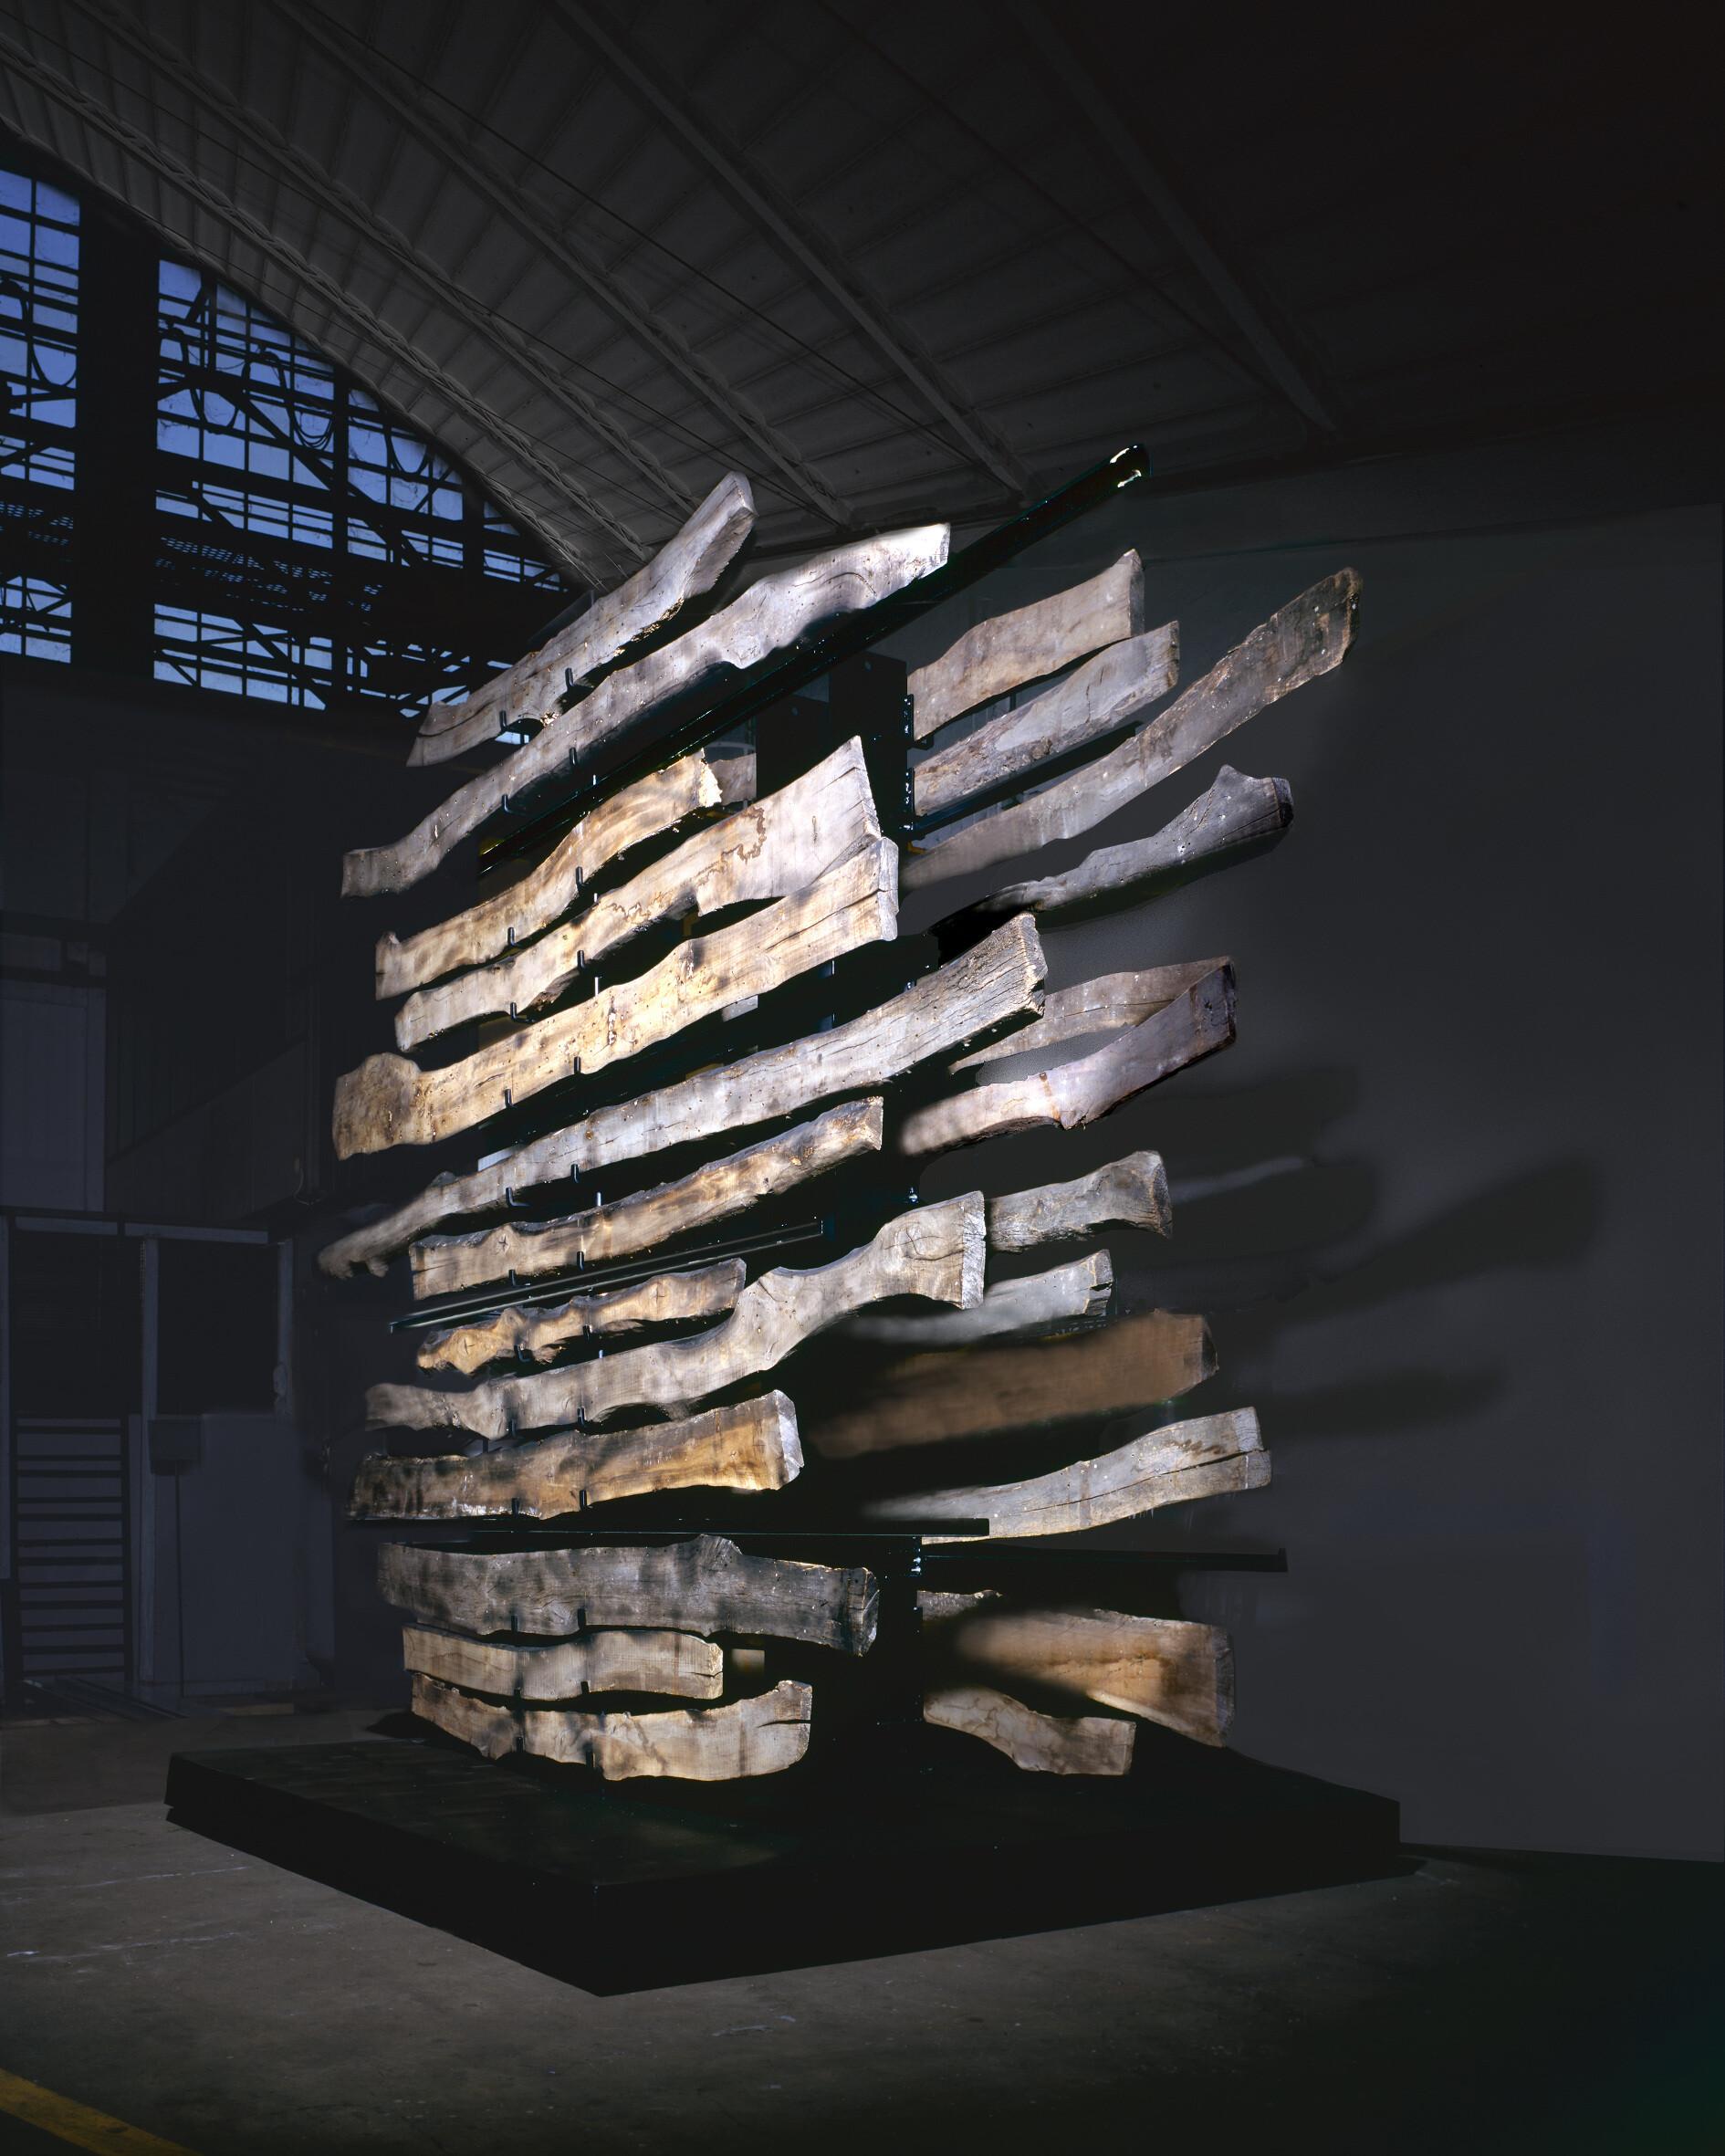 Maria Cristina Carlini Geologie, memoria della terra in mostra nello STUDIO MUSEO FRANCESCO MESSINA